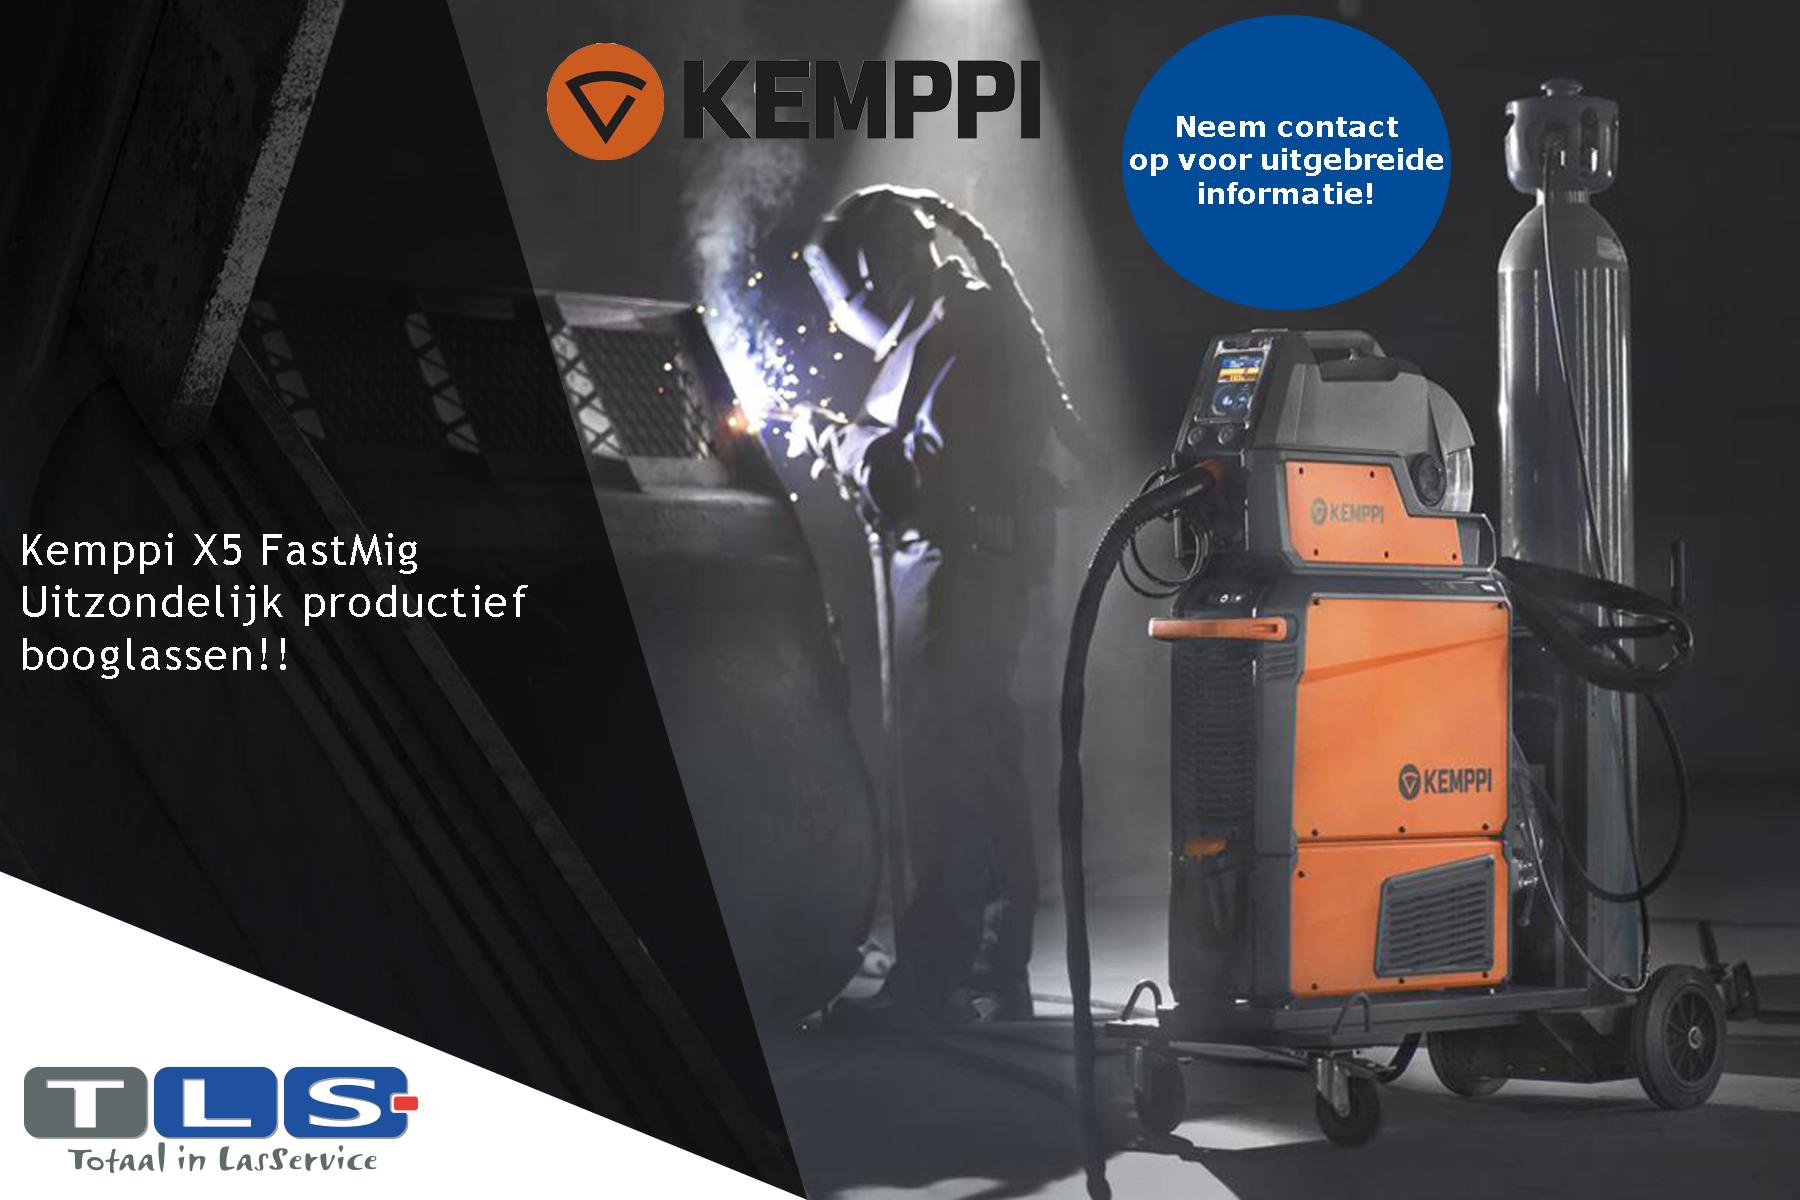 Kemppi X5 FastMig, uitzonderlijk productief booglassen!